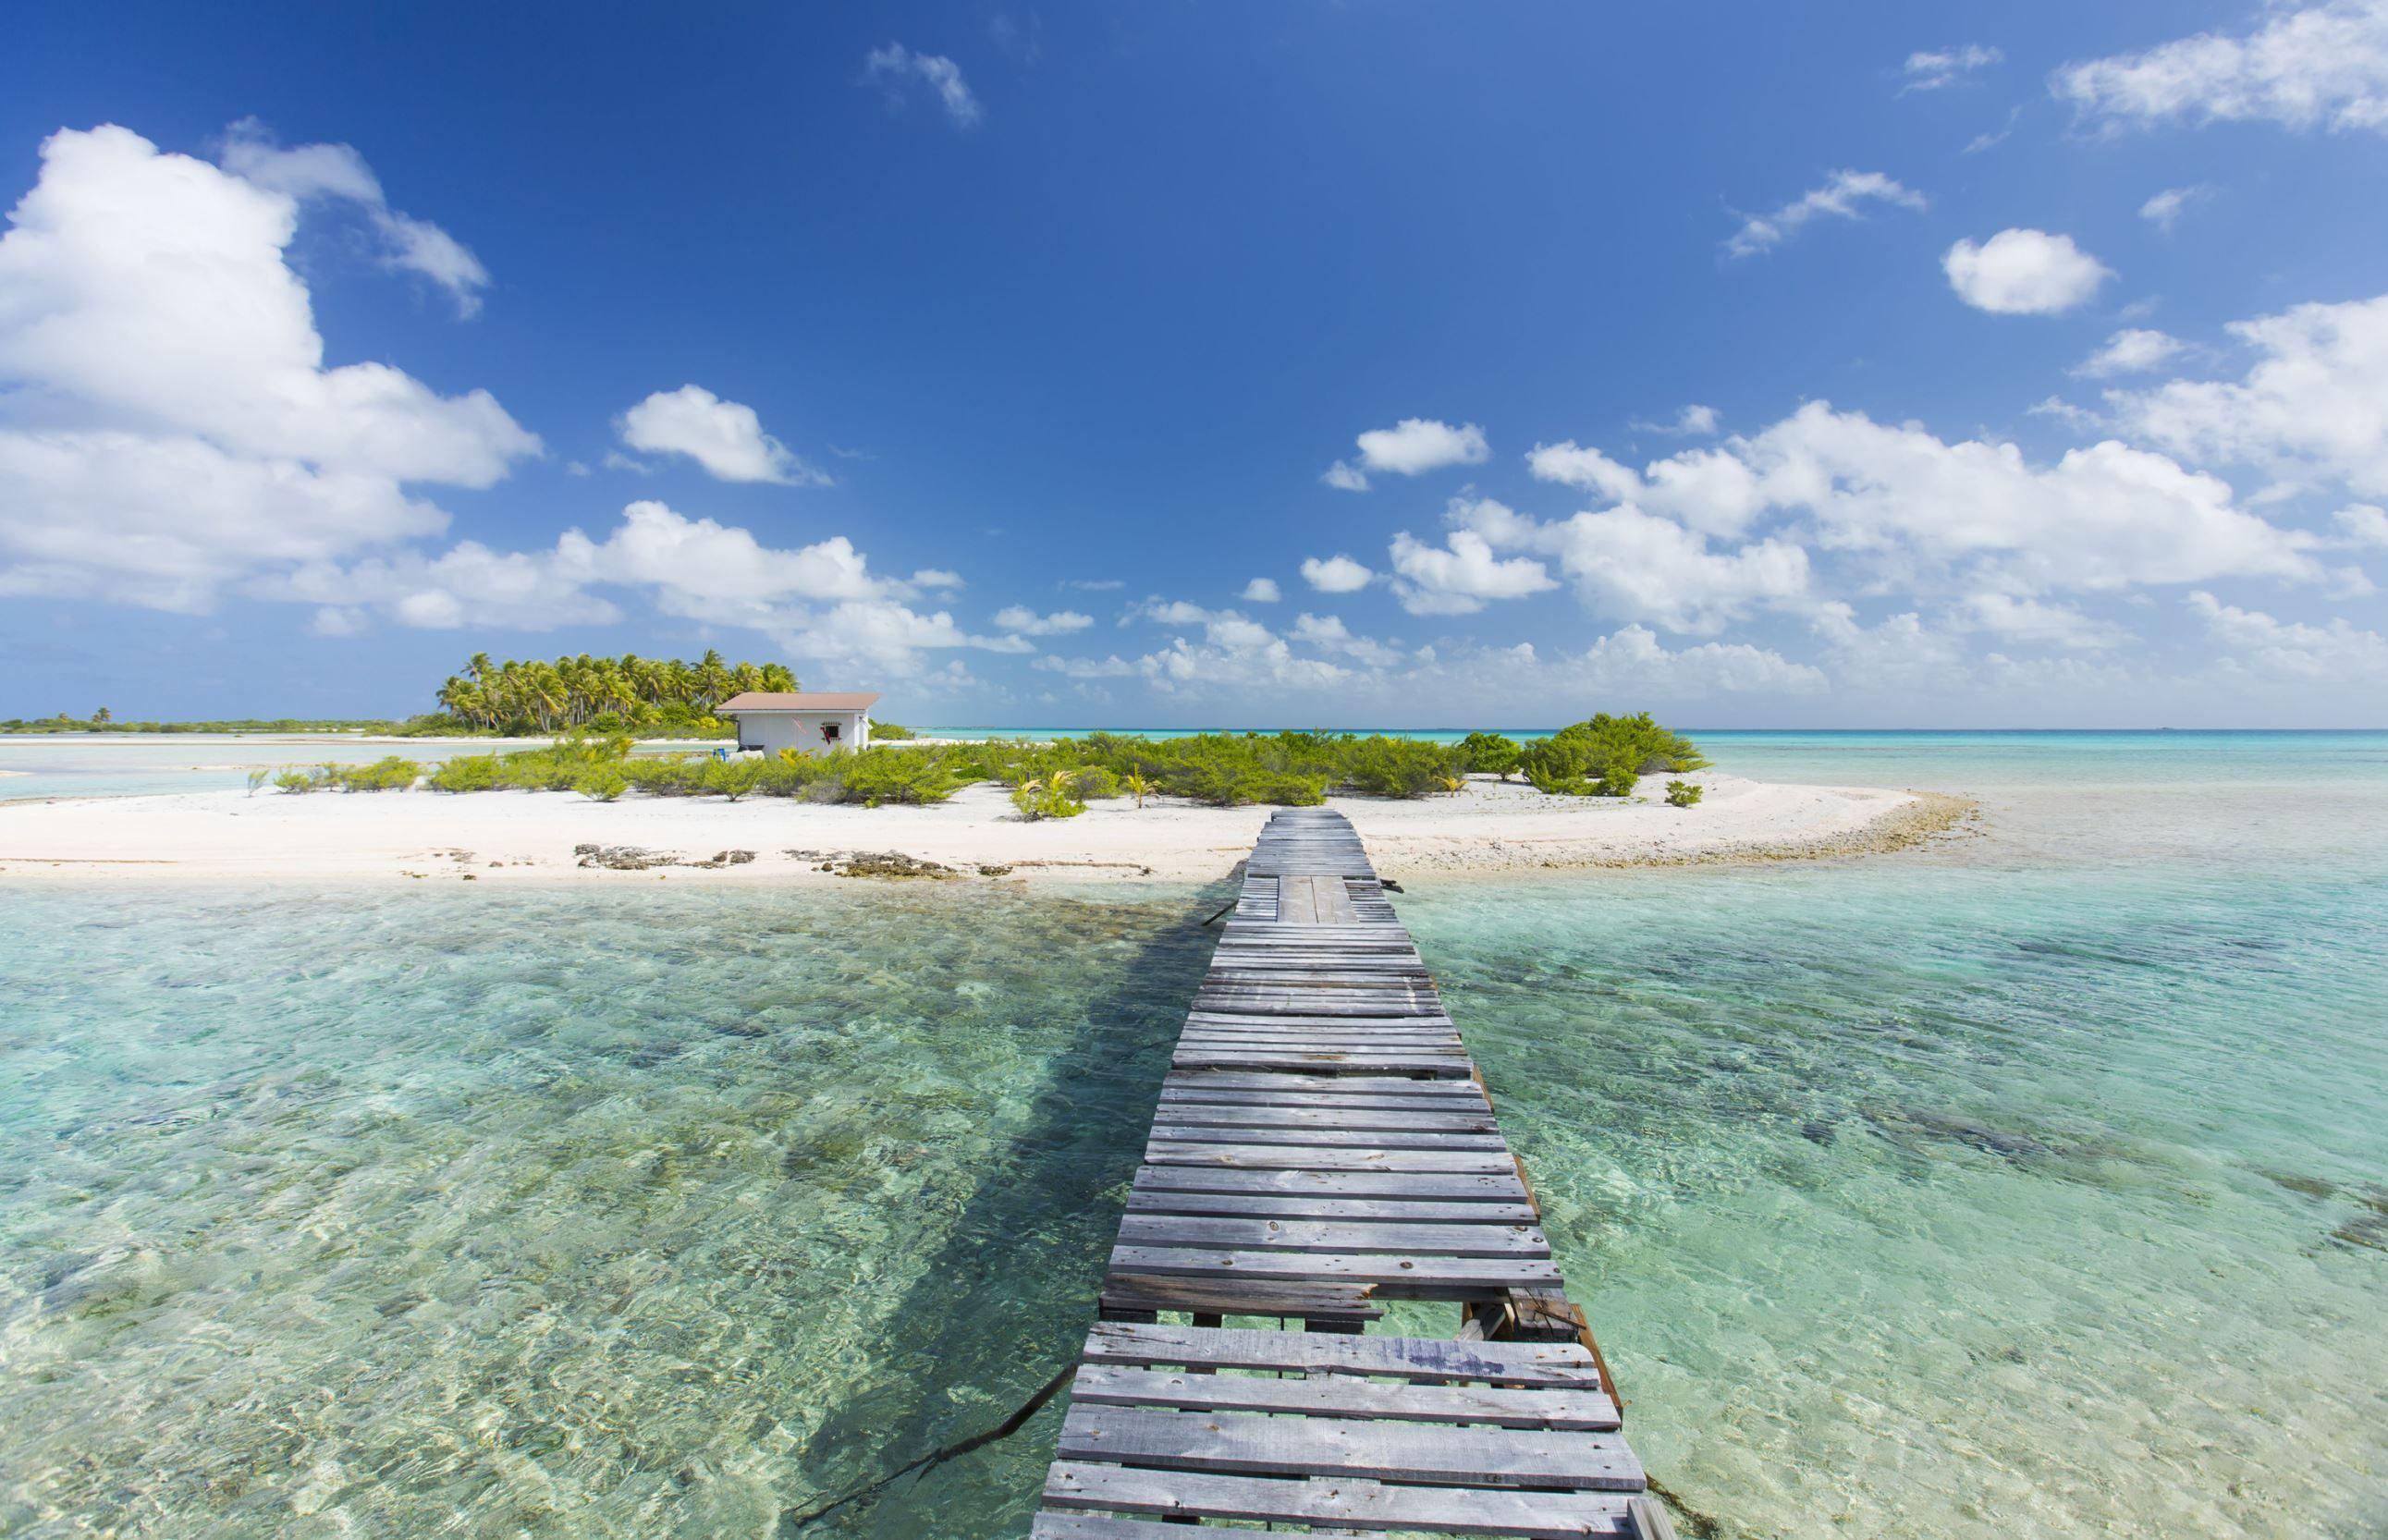 Tikehau, French Polynesia Design Pics Inc/REX Places